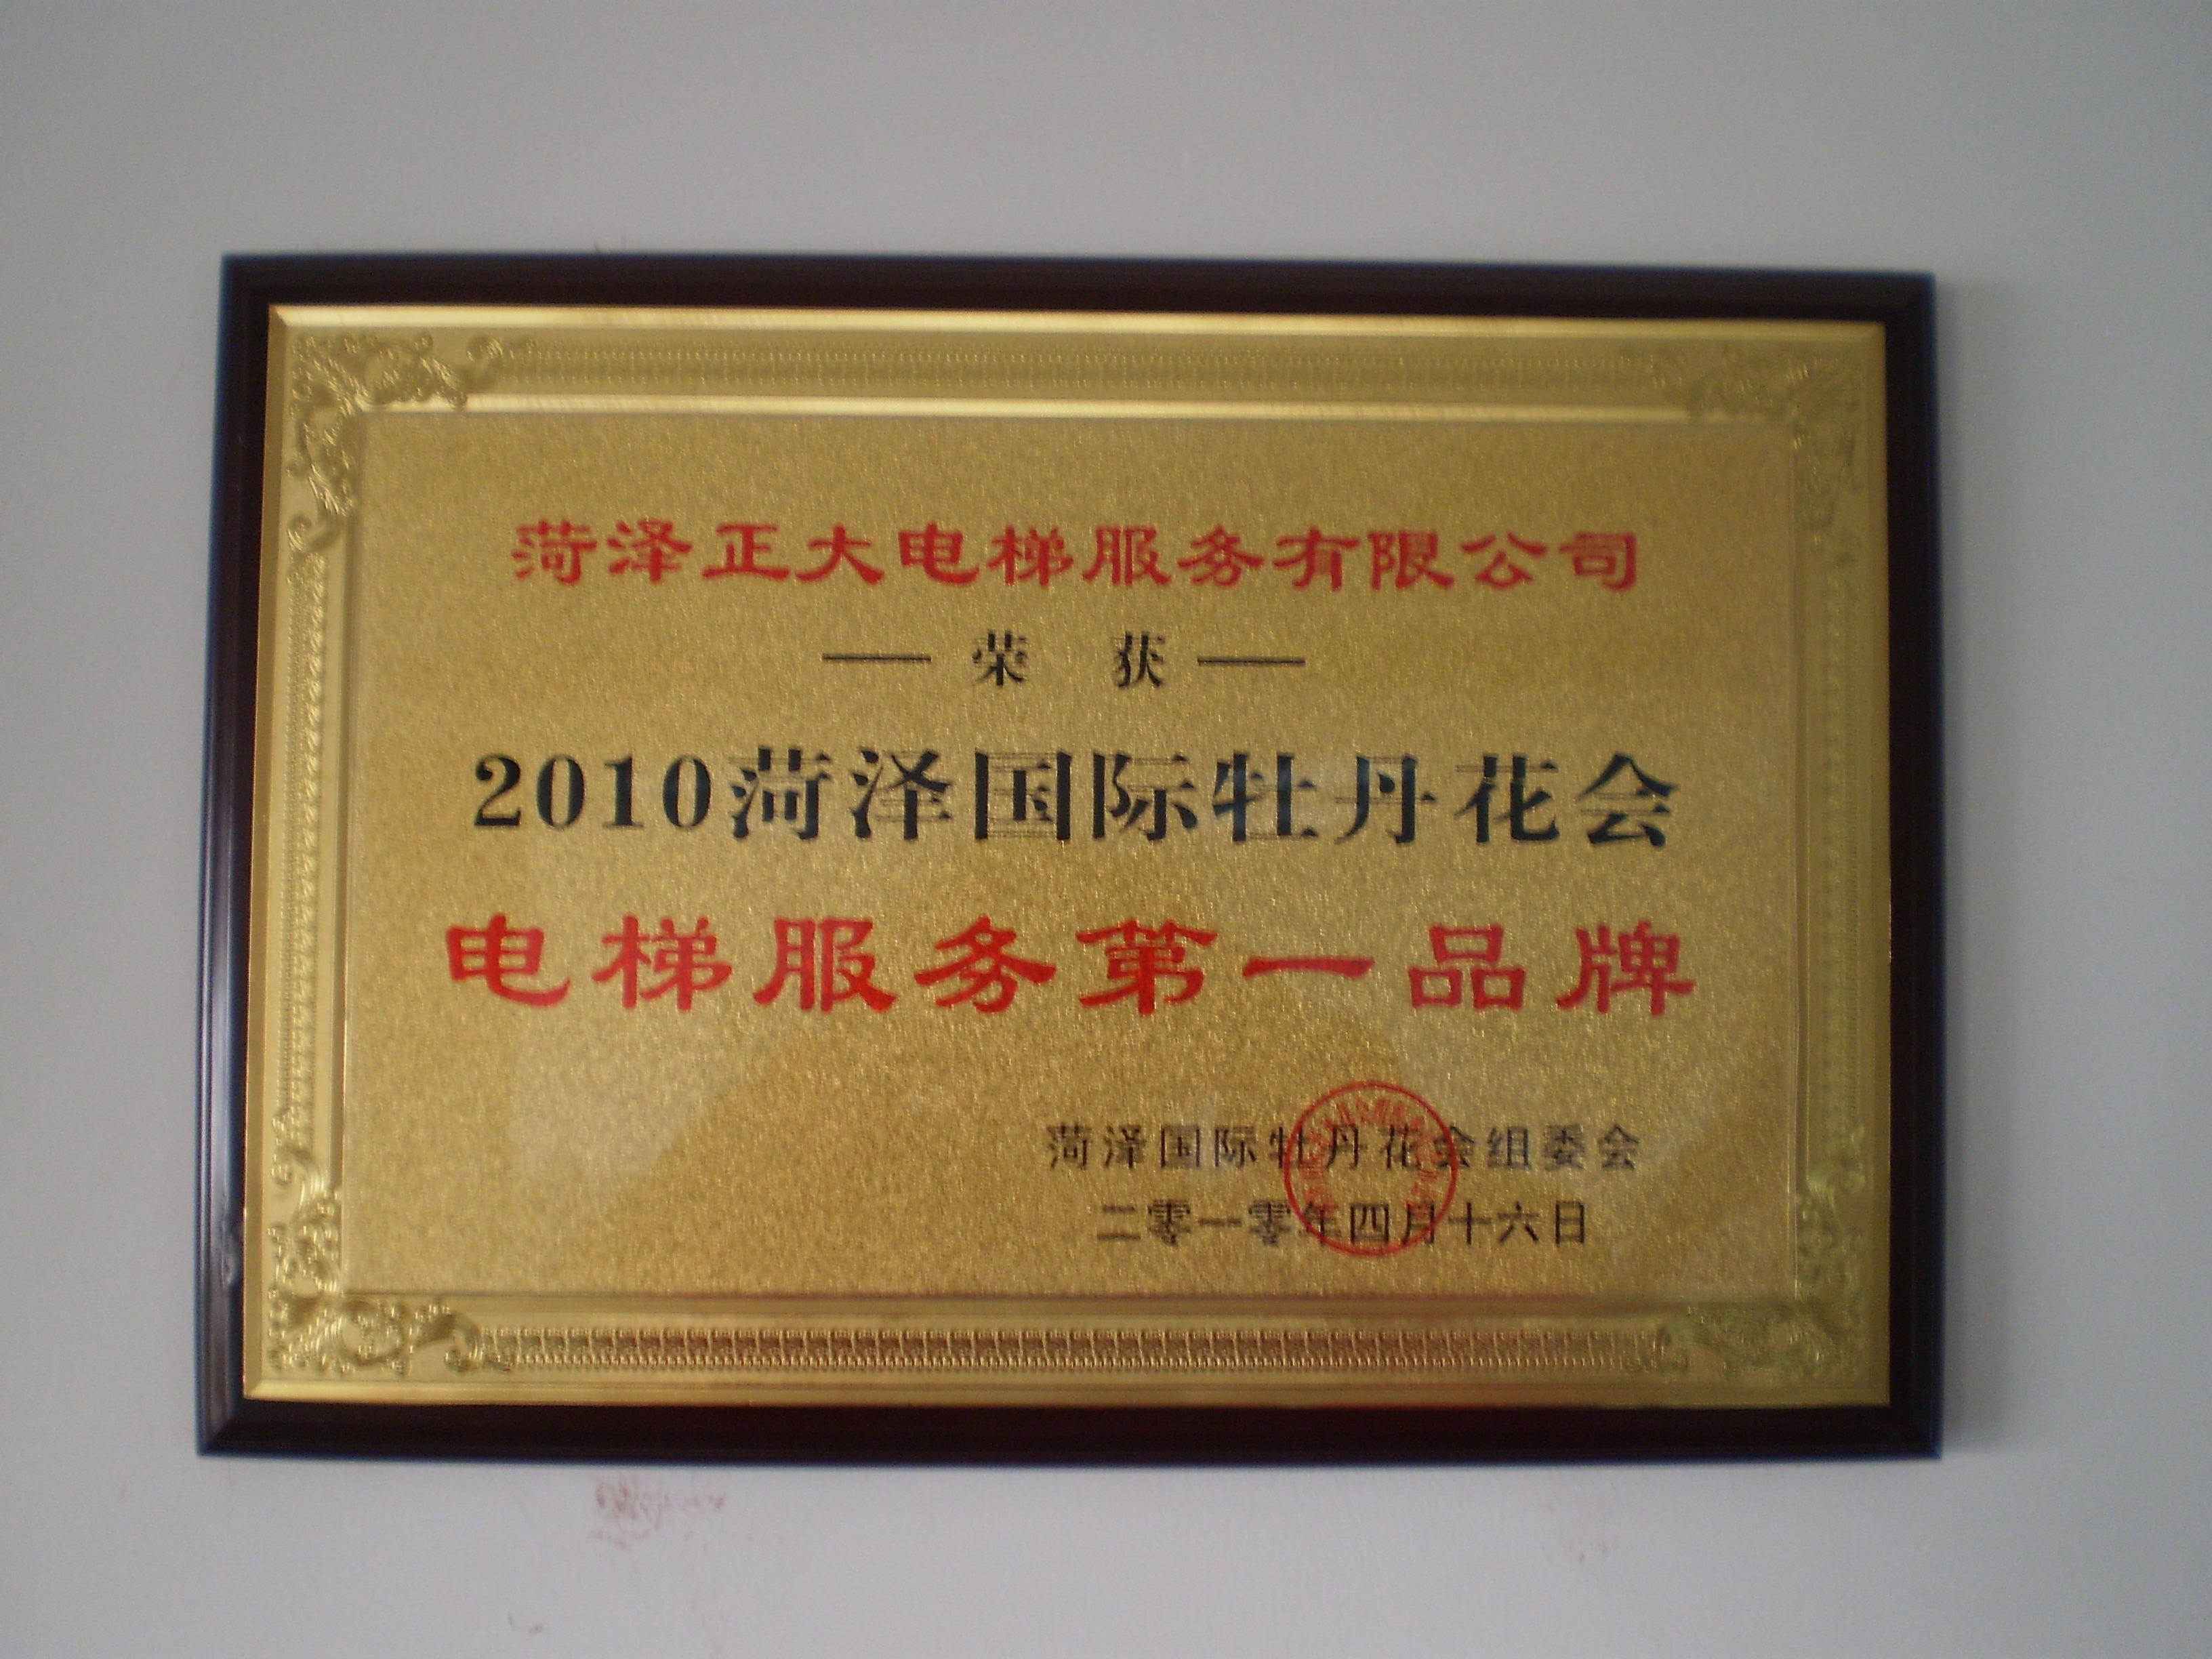 2010年牡丹花会电梯服务第一品牌